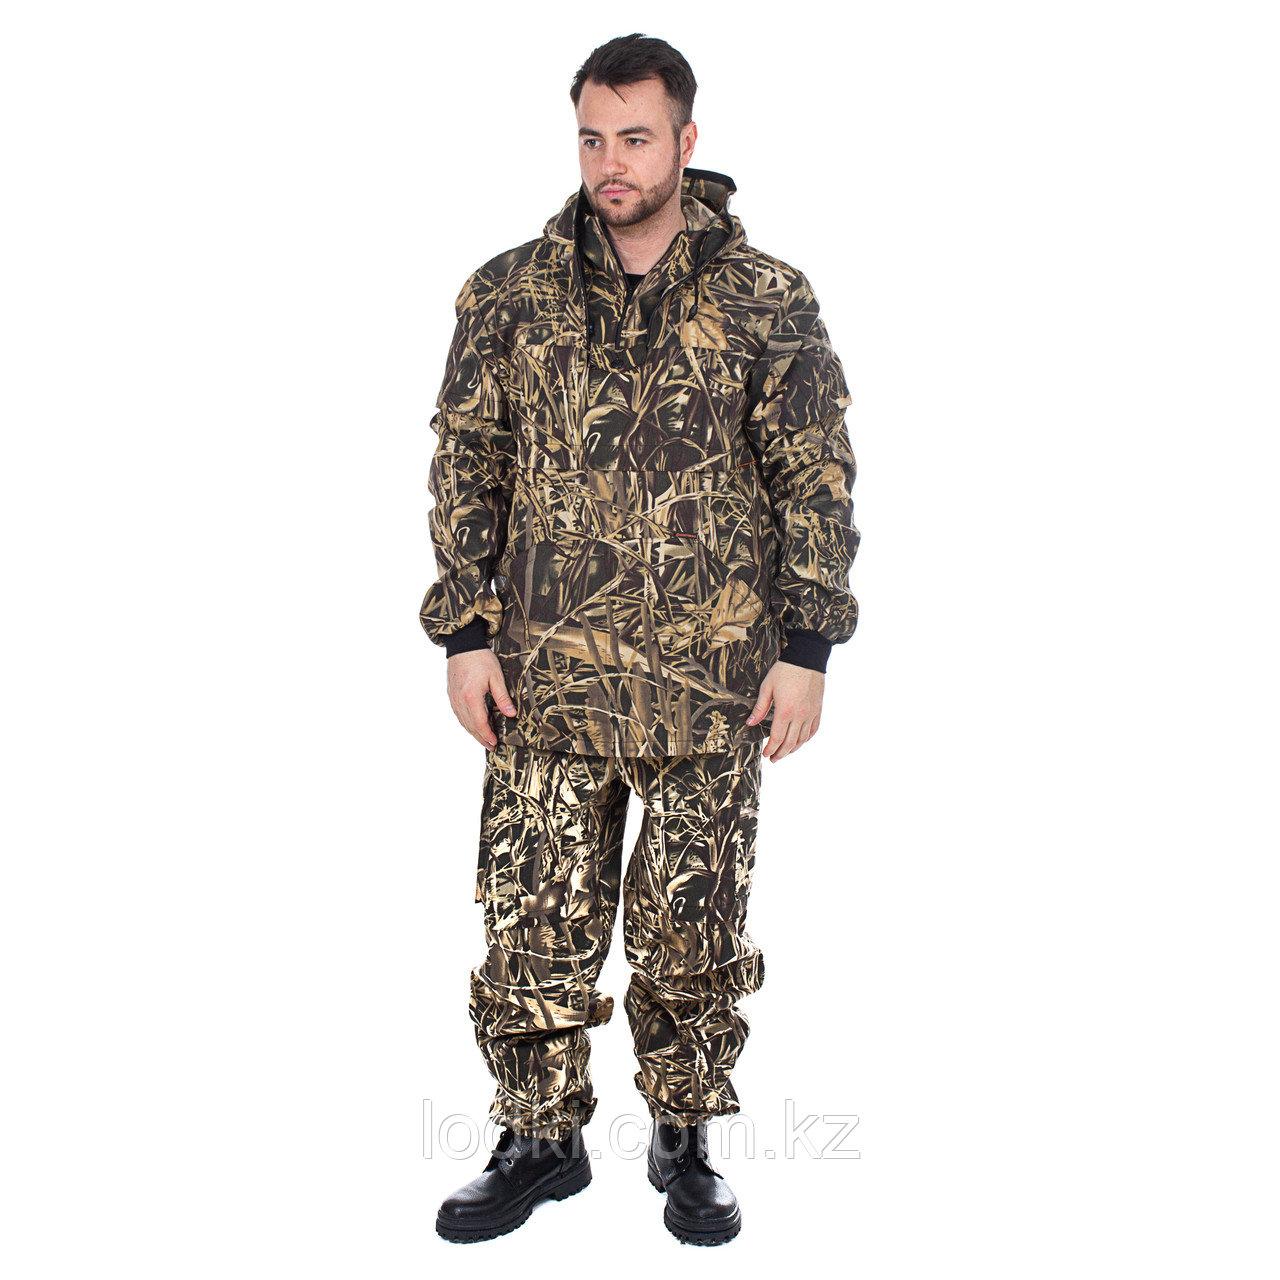 Костюм летний для охоты и рыбалки Антигнус-Люкс пыльниками цвет Камыш ткань Смесовая Размер от44до64 - фото 1